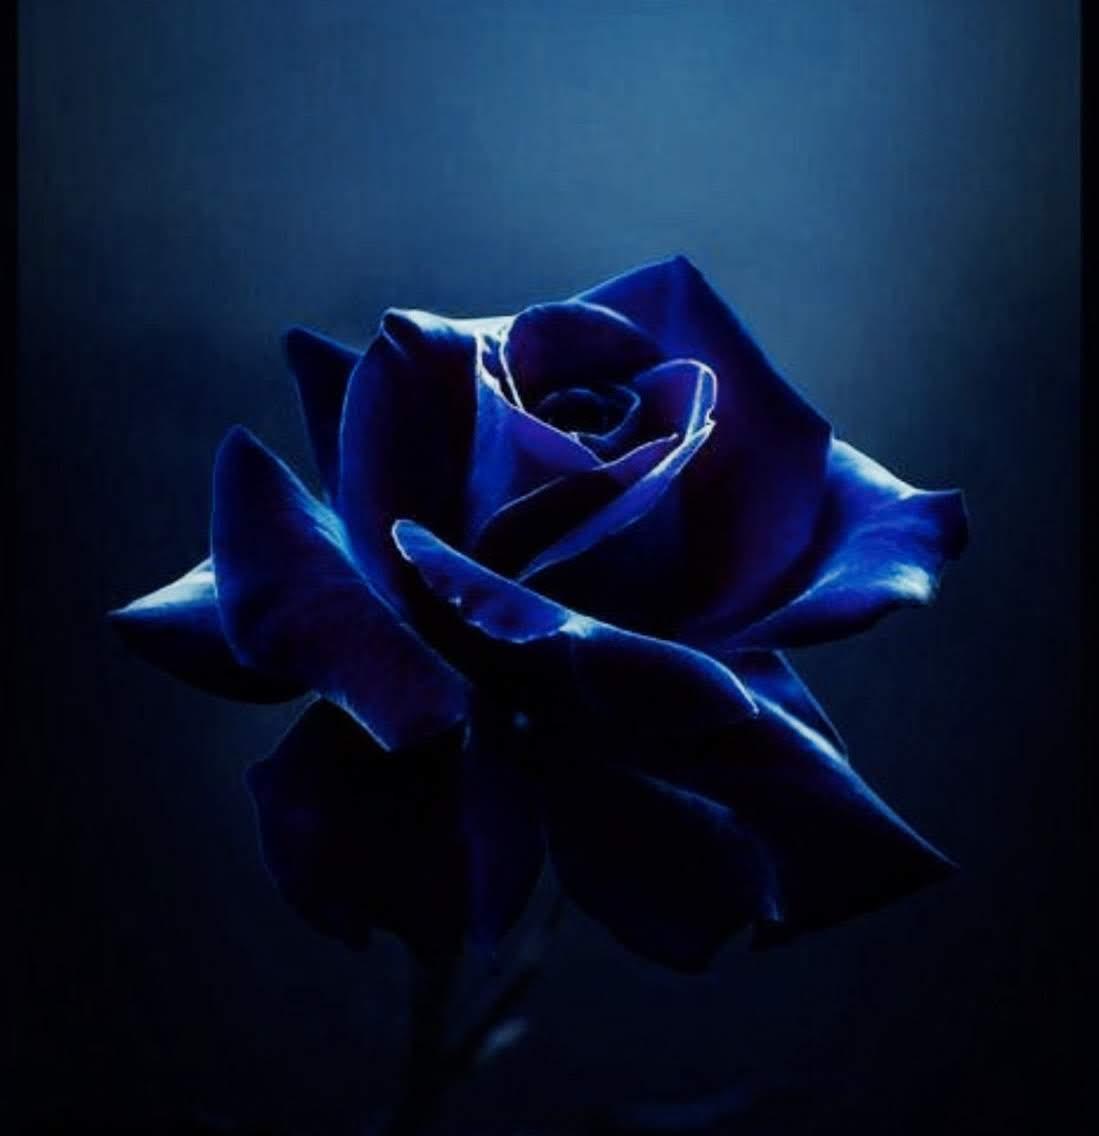 Hình ảnh bông hoa hồng xanh bóng tối xinh đẹp